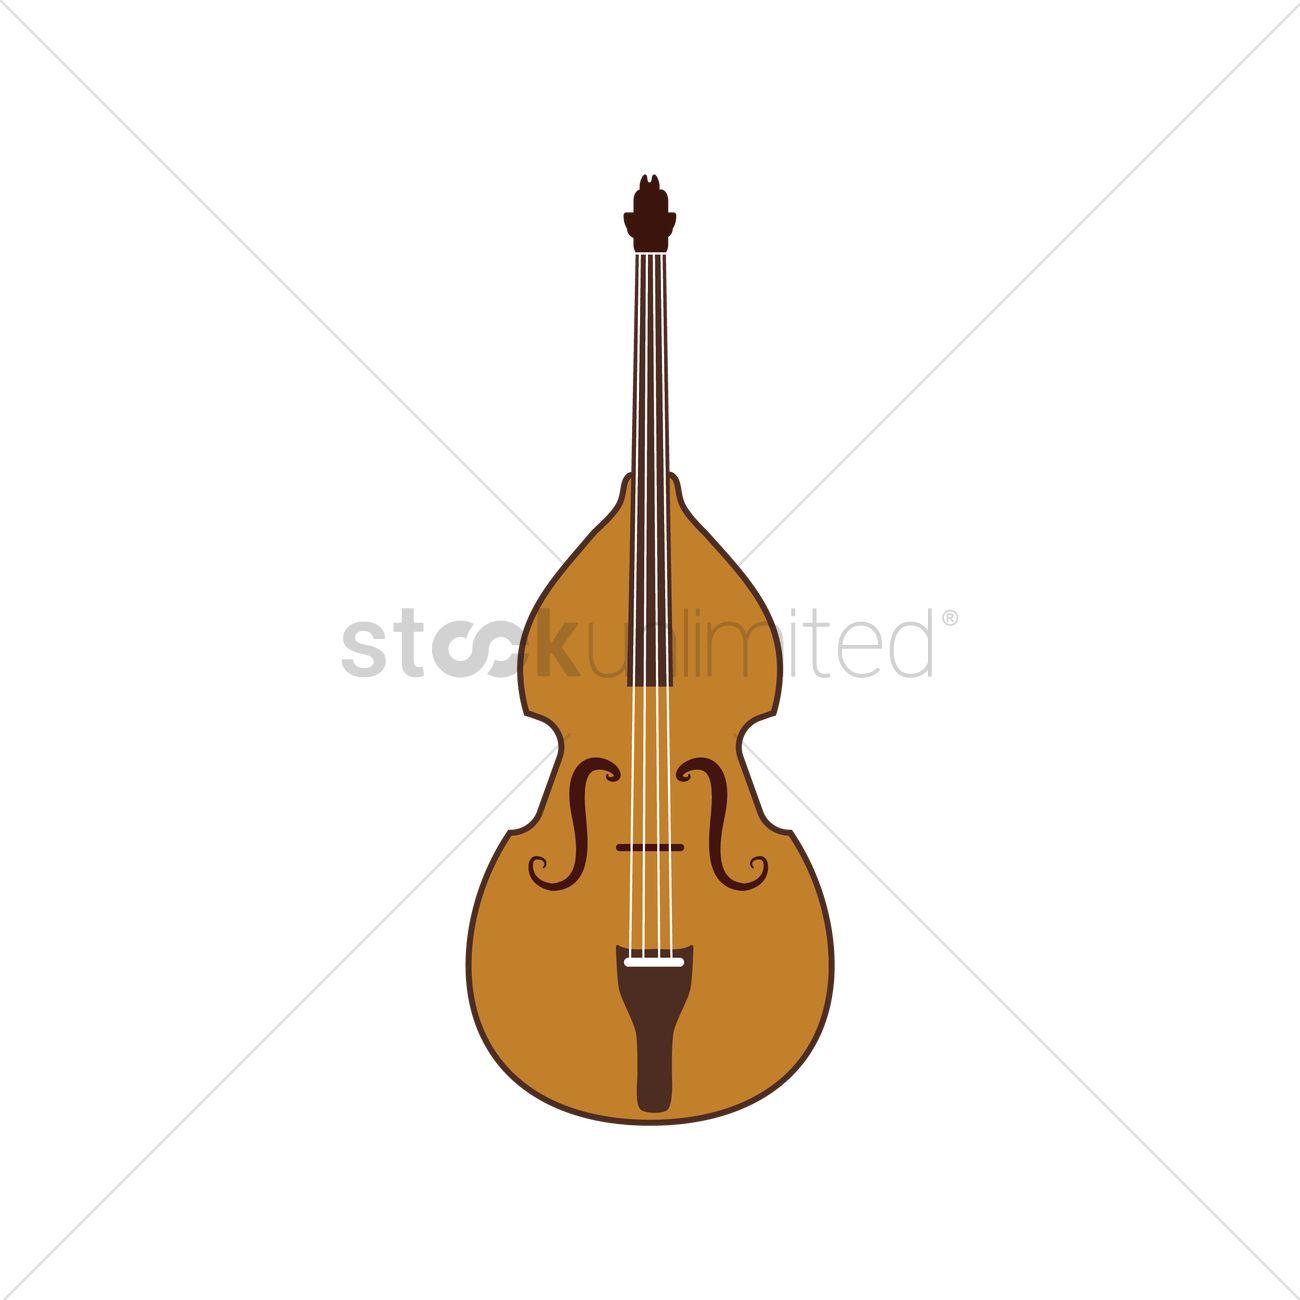 1300x1300 Cello Vector Image